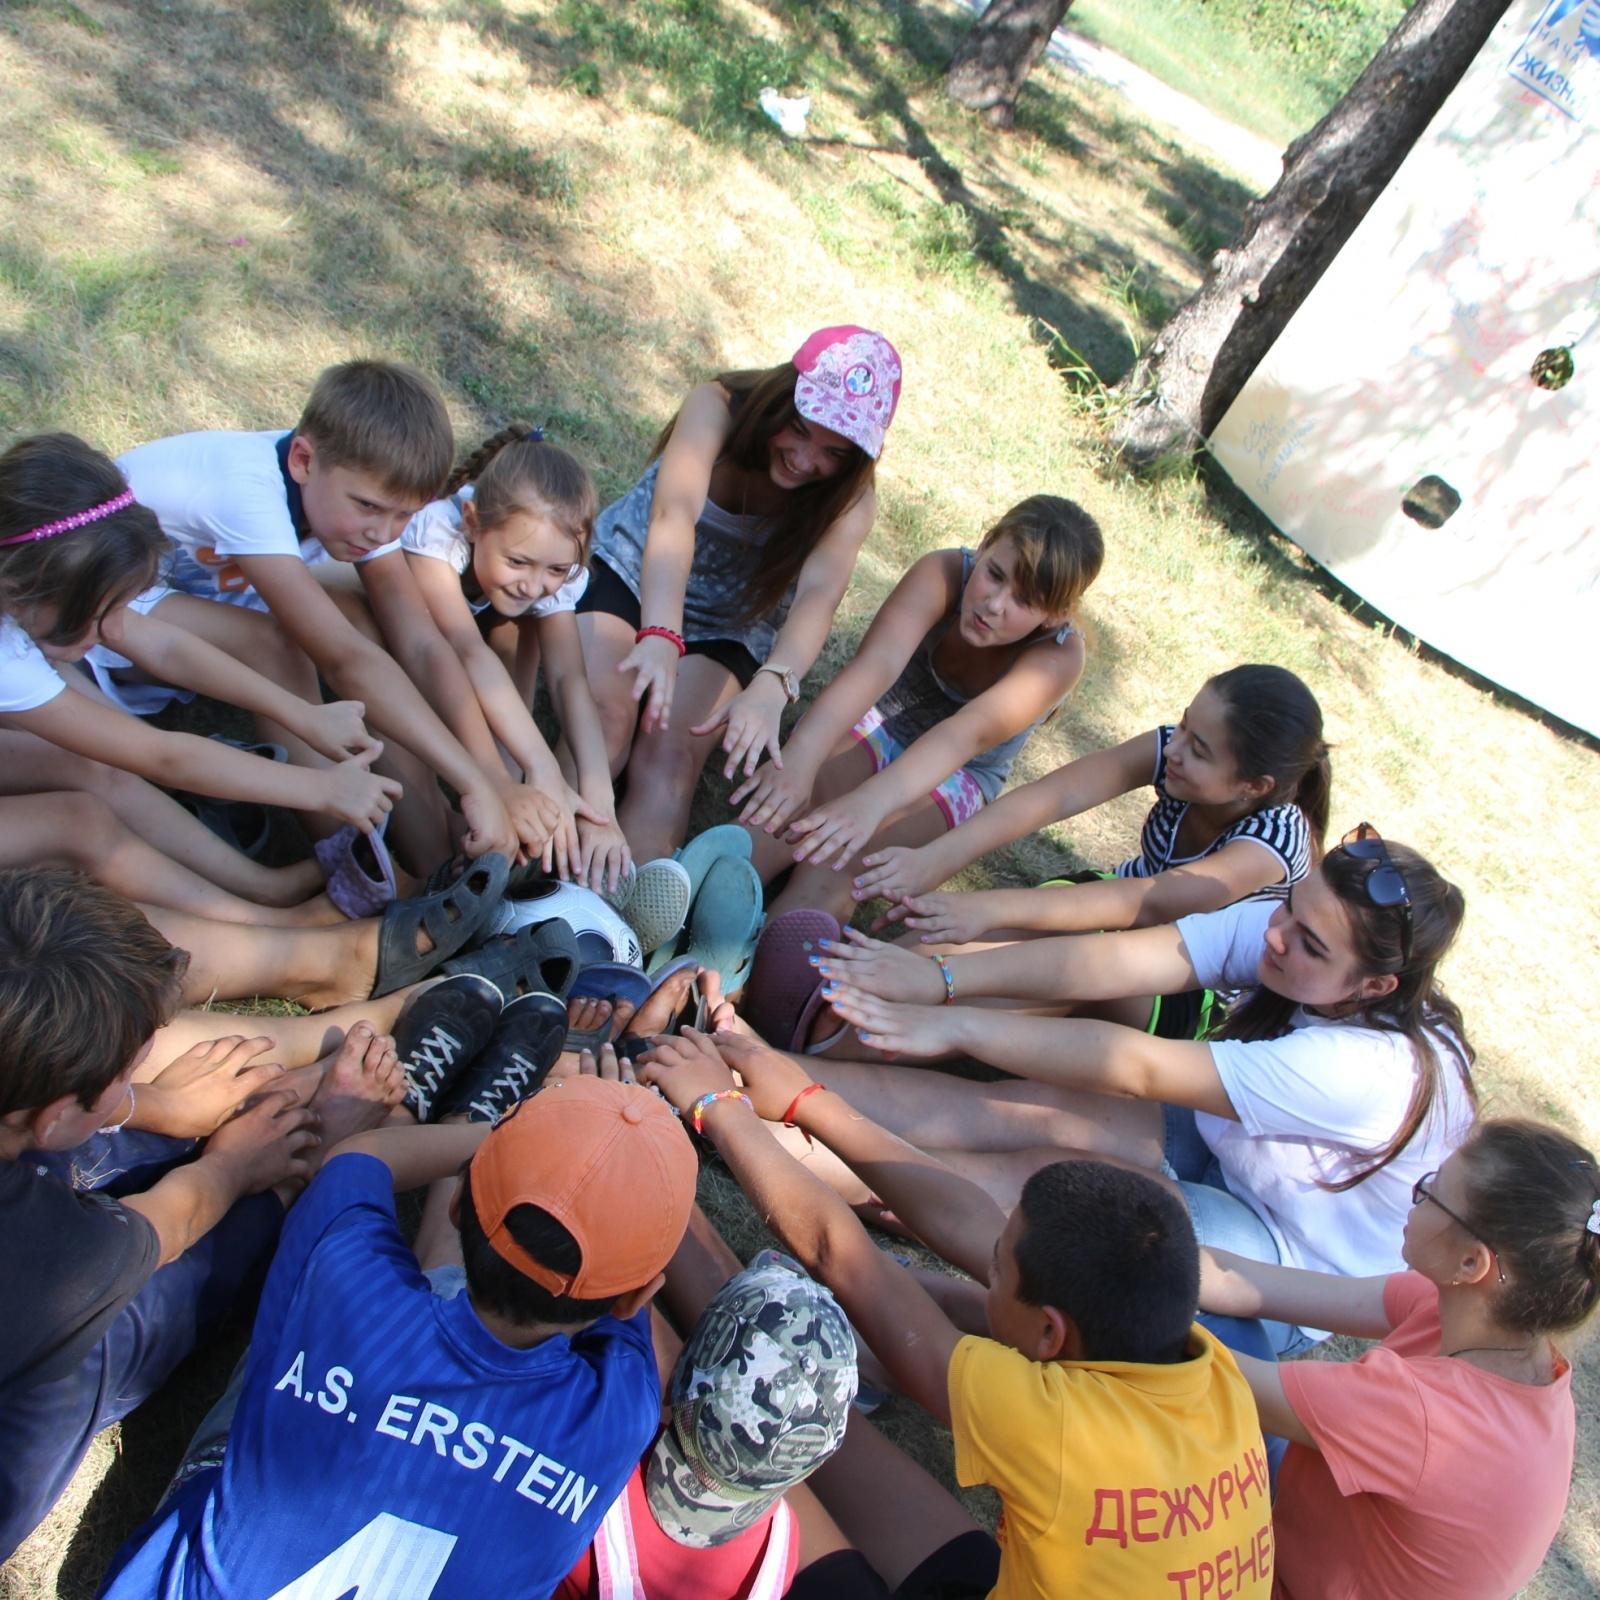 Moldova children Balti